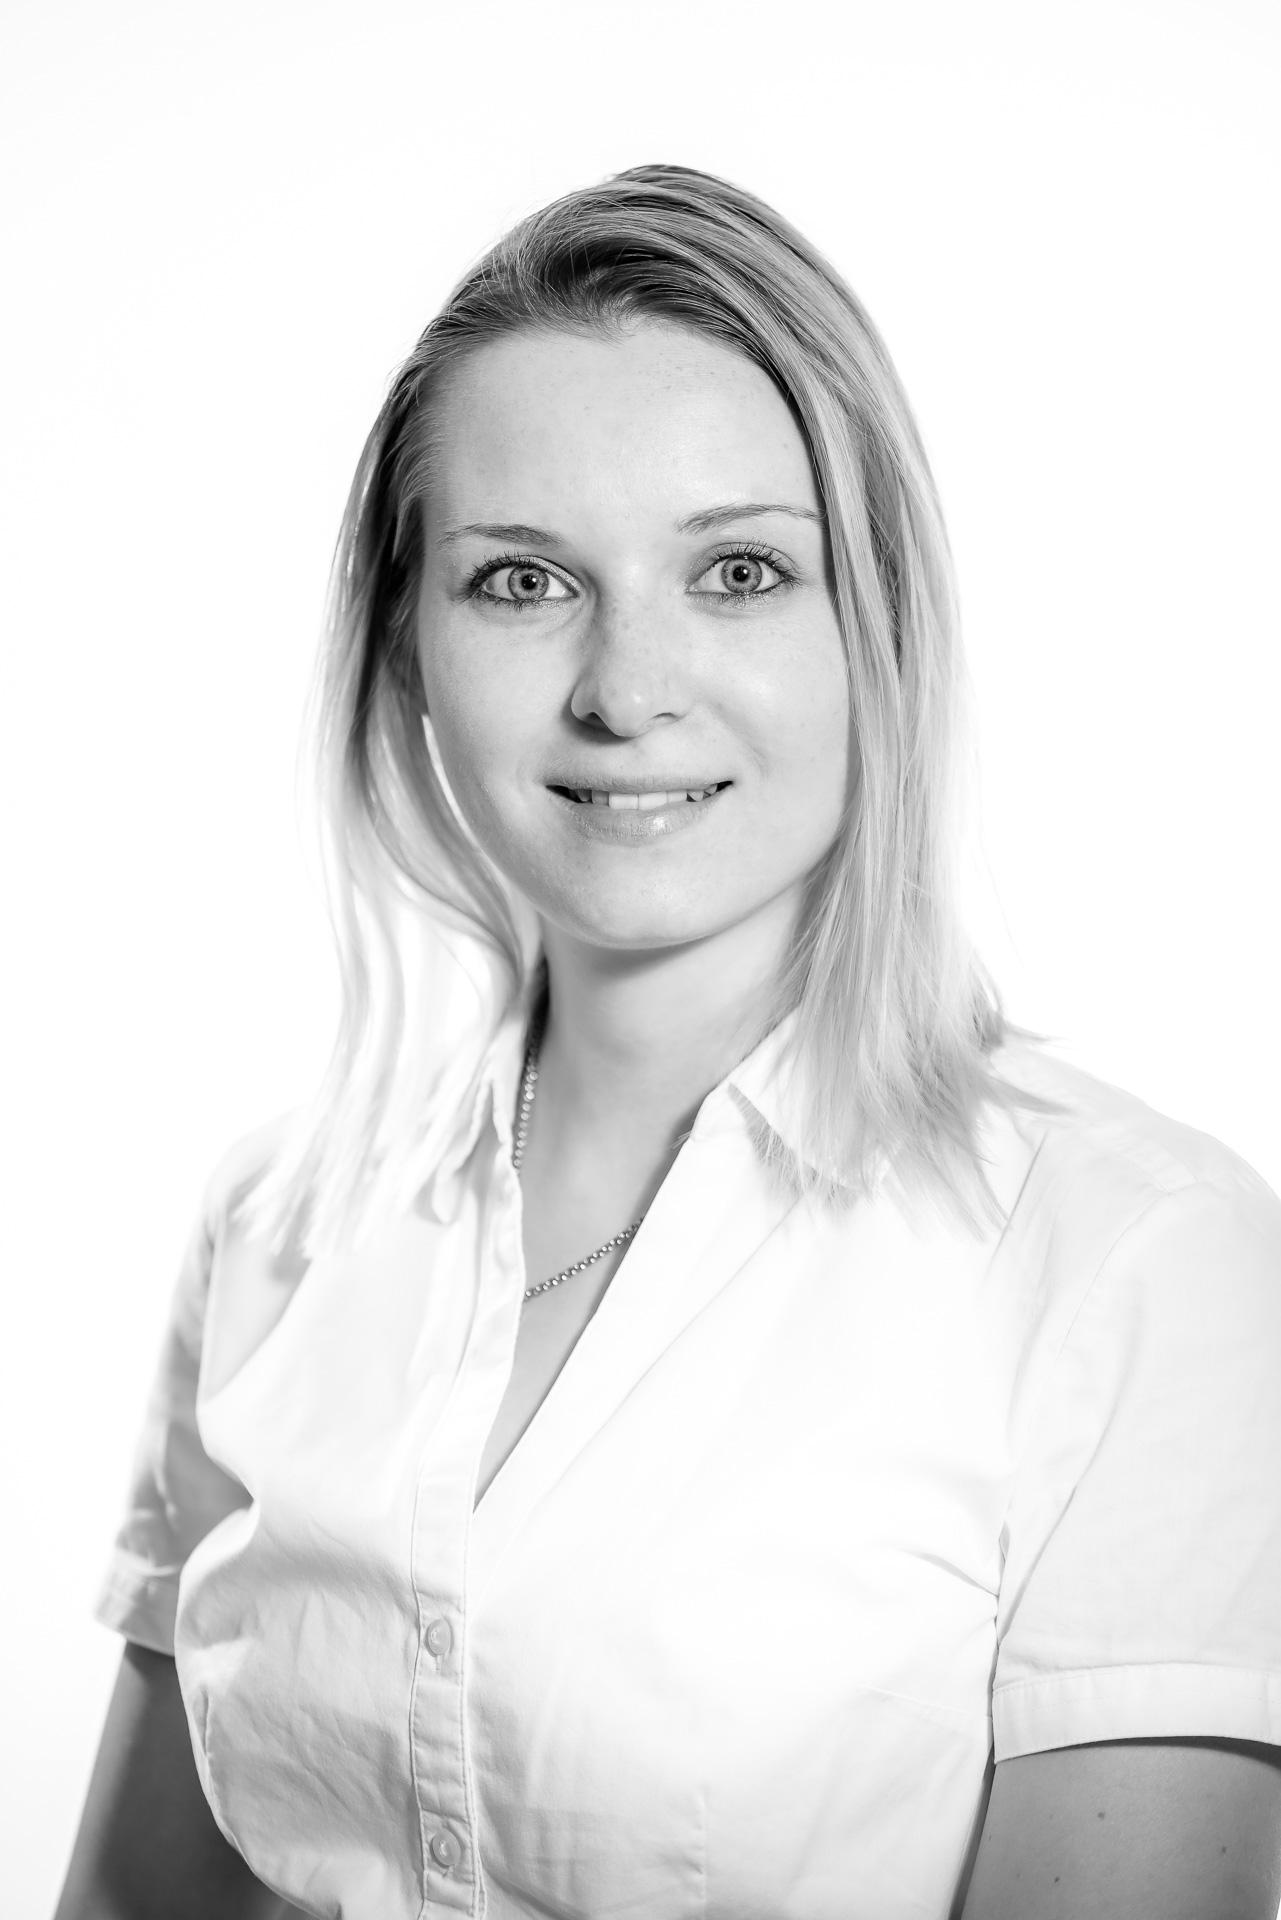 Sarah Lütkenhorst